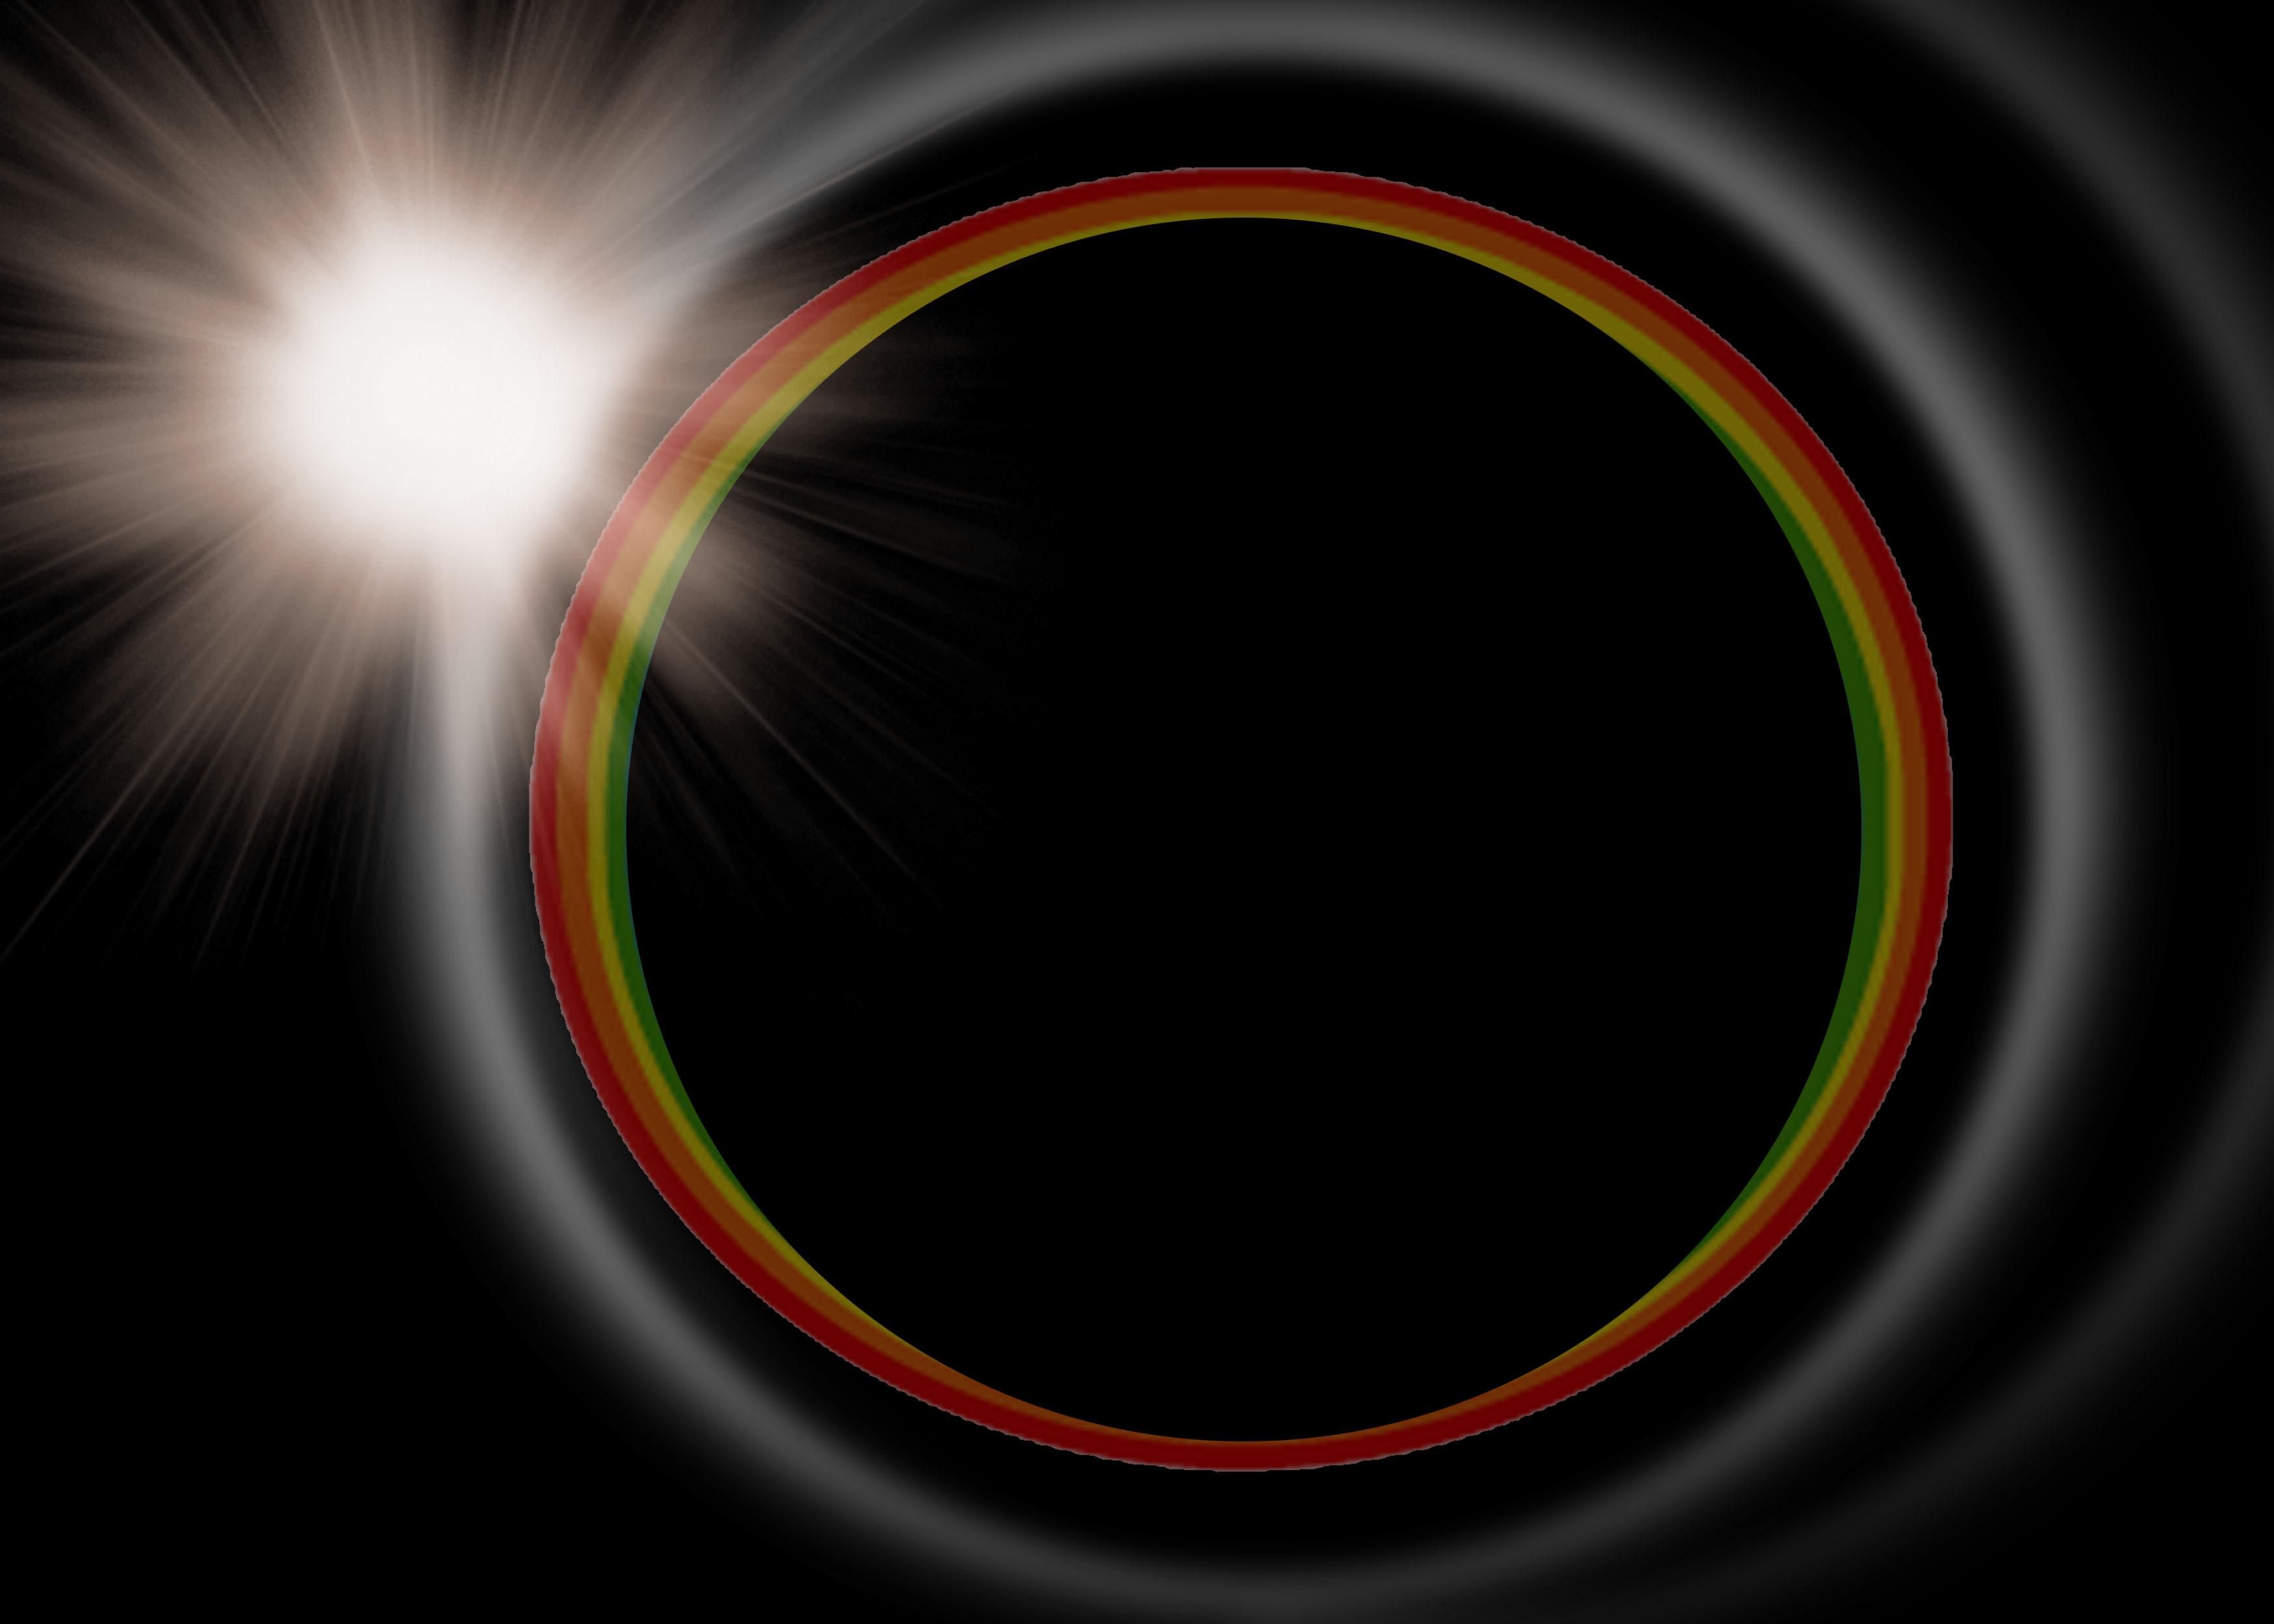 LightRings.jpg